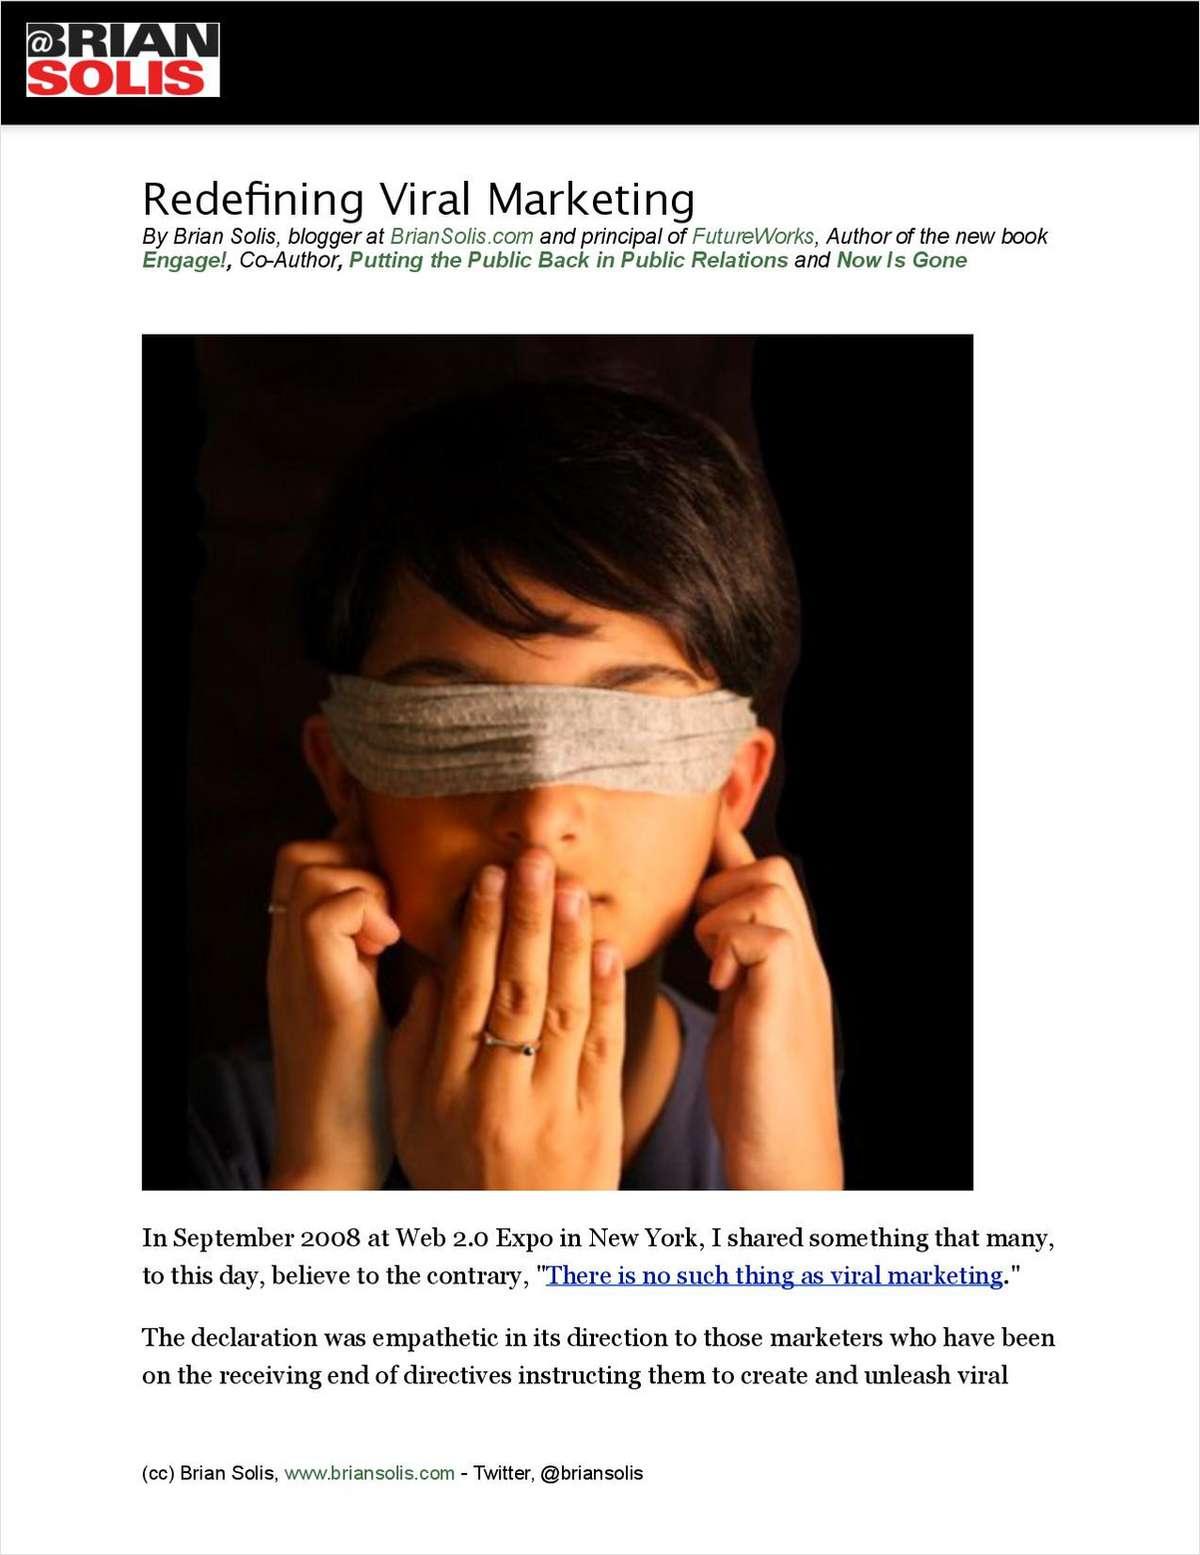 Redefining Viral Marketing